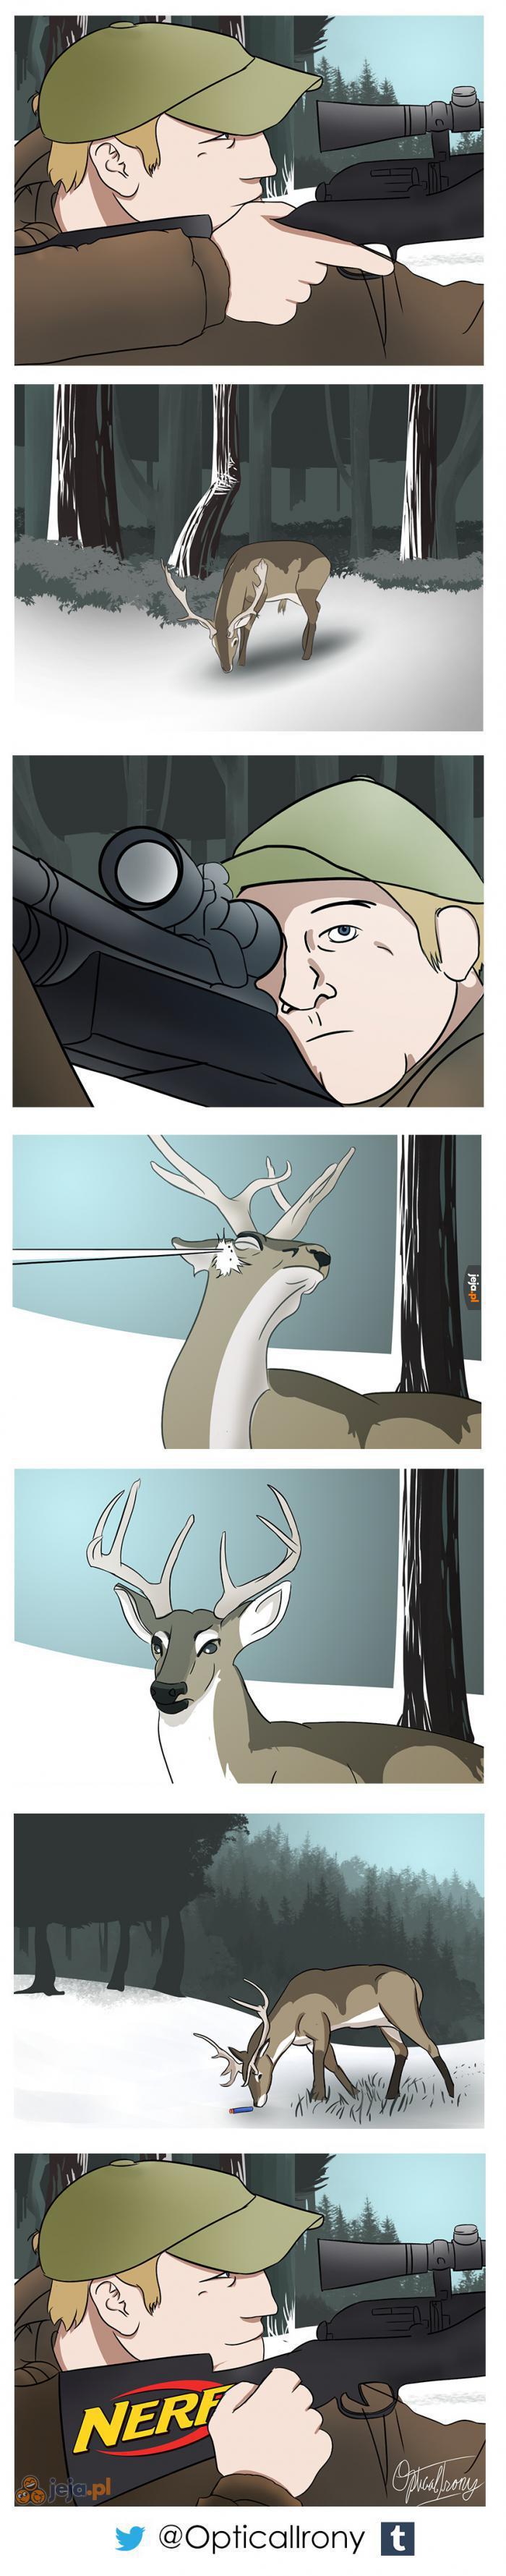 Krótki komiks o polowaniu